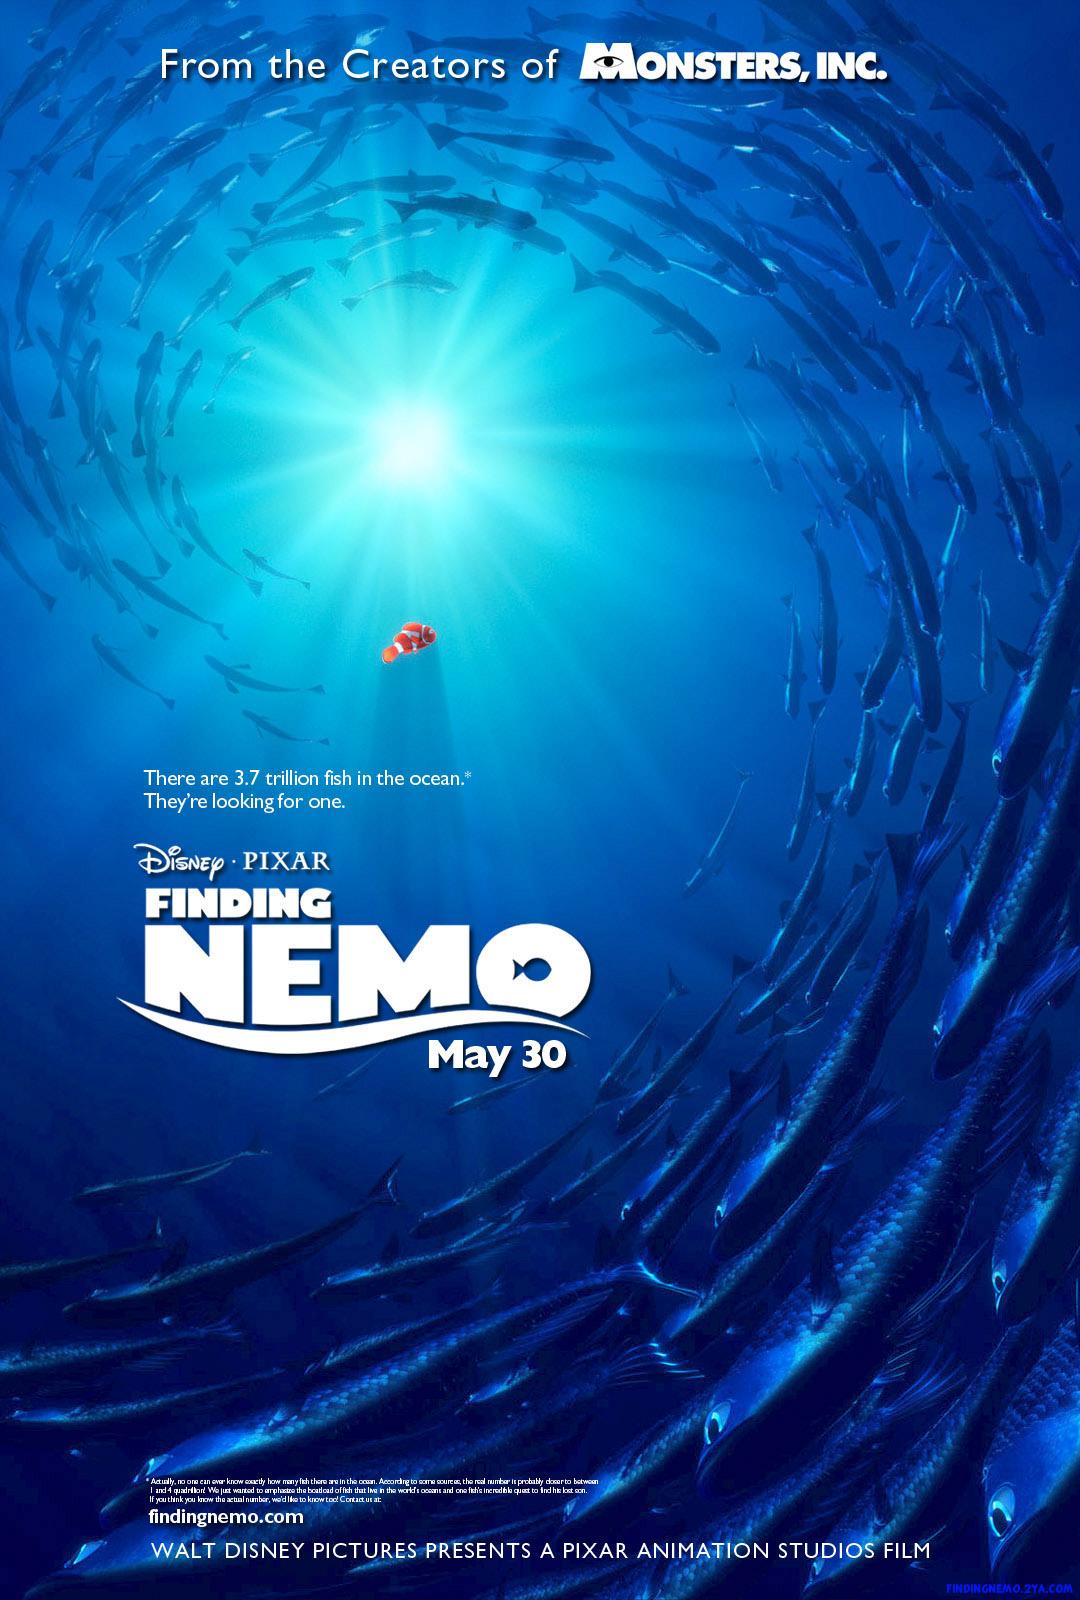 http://1.bp.blogspot.com/-3VfbzEWIXGw/TvRuhUU-IpI/AAAAAAAACdM/TtvF2c2ASc4/s1600/Anima%25C3%25A7%25C3%25A3o+-+Finding+Nemo.jpg